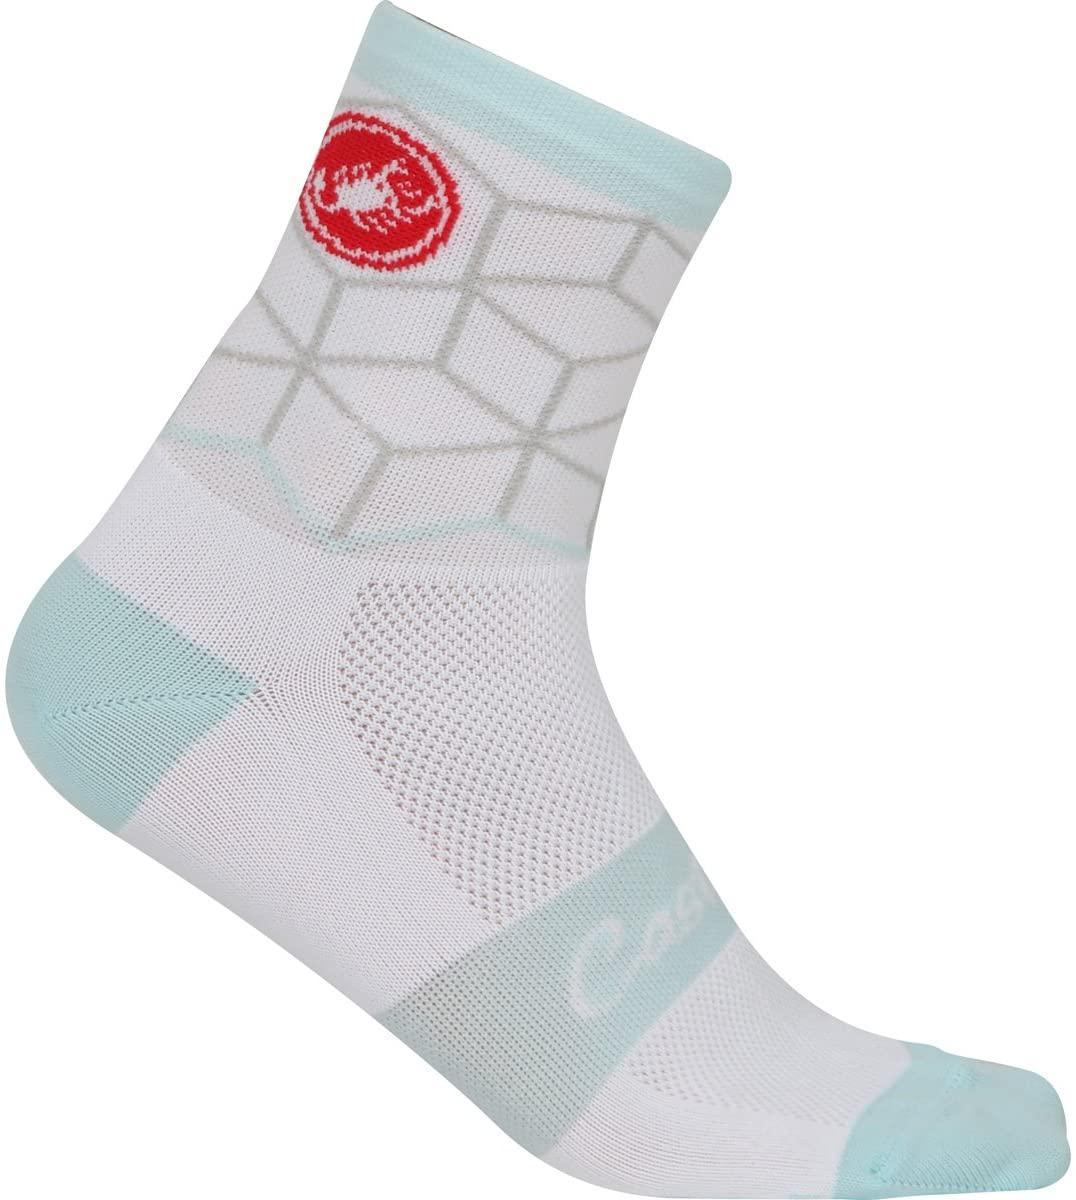 Castelli 2017 Women's Vertice Cycling Sock - R17076